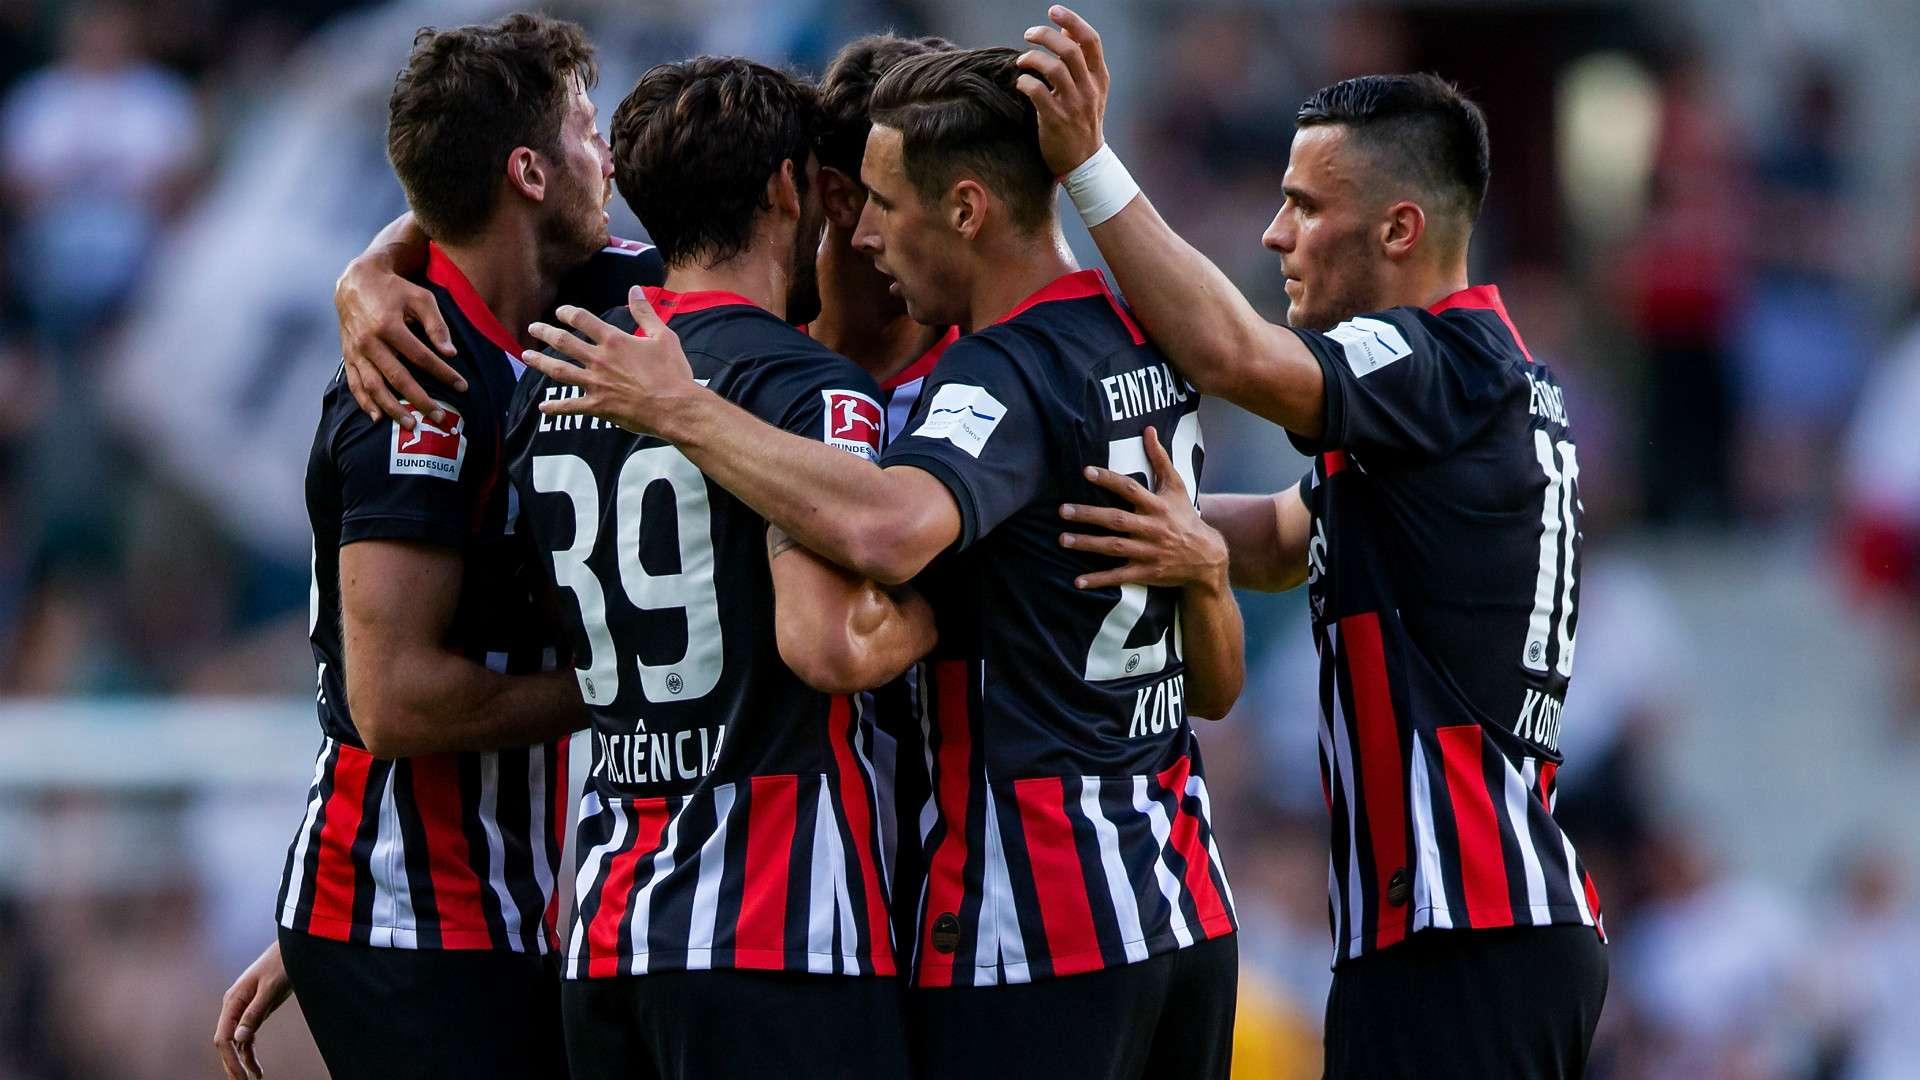 Eintracht Frankfurt Vs Flora Tallinn Heute Live Im Tv Und Im Live Stream Schauen So Geht S Goal Com